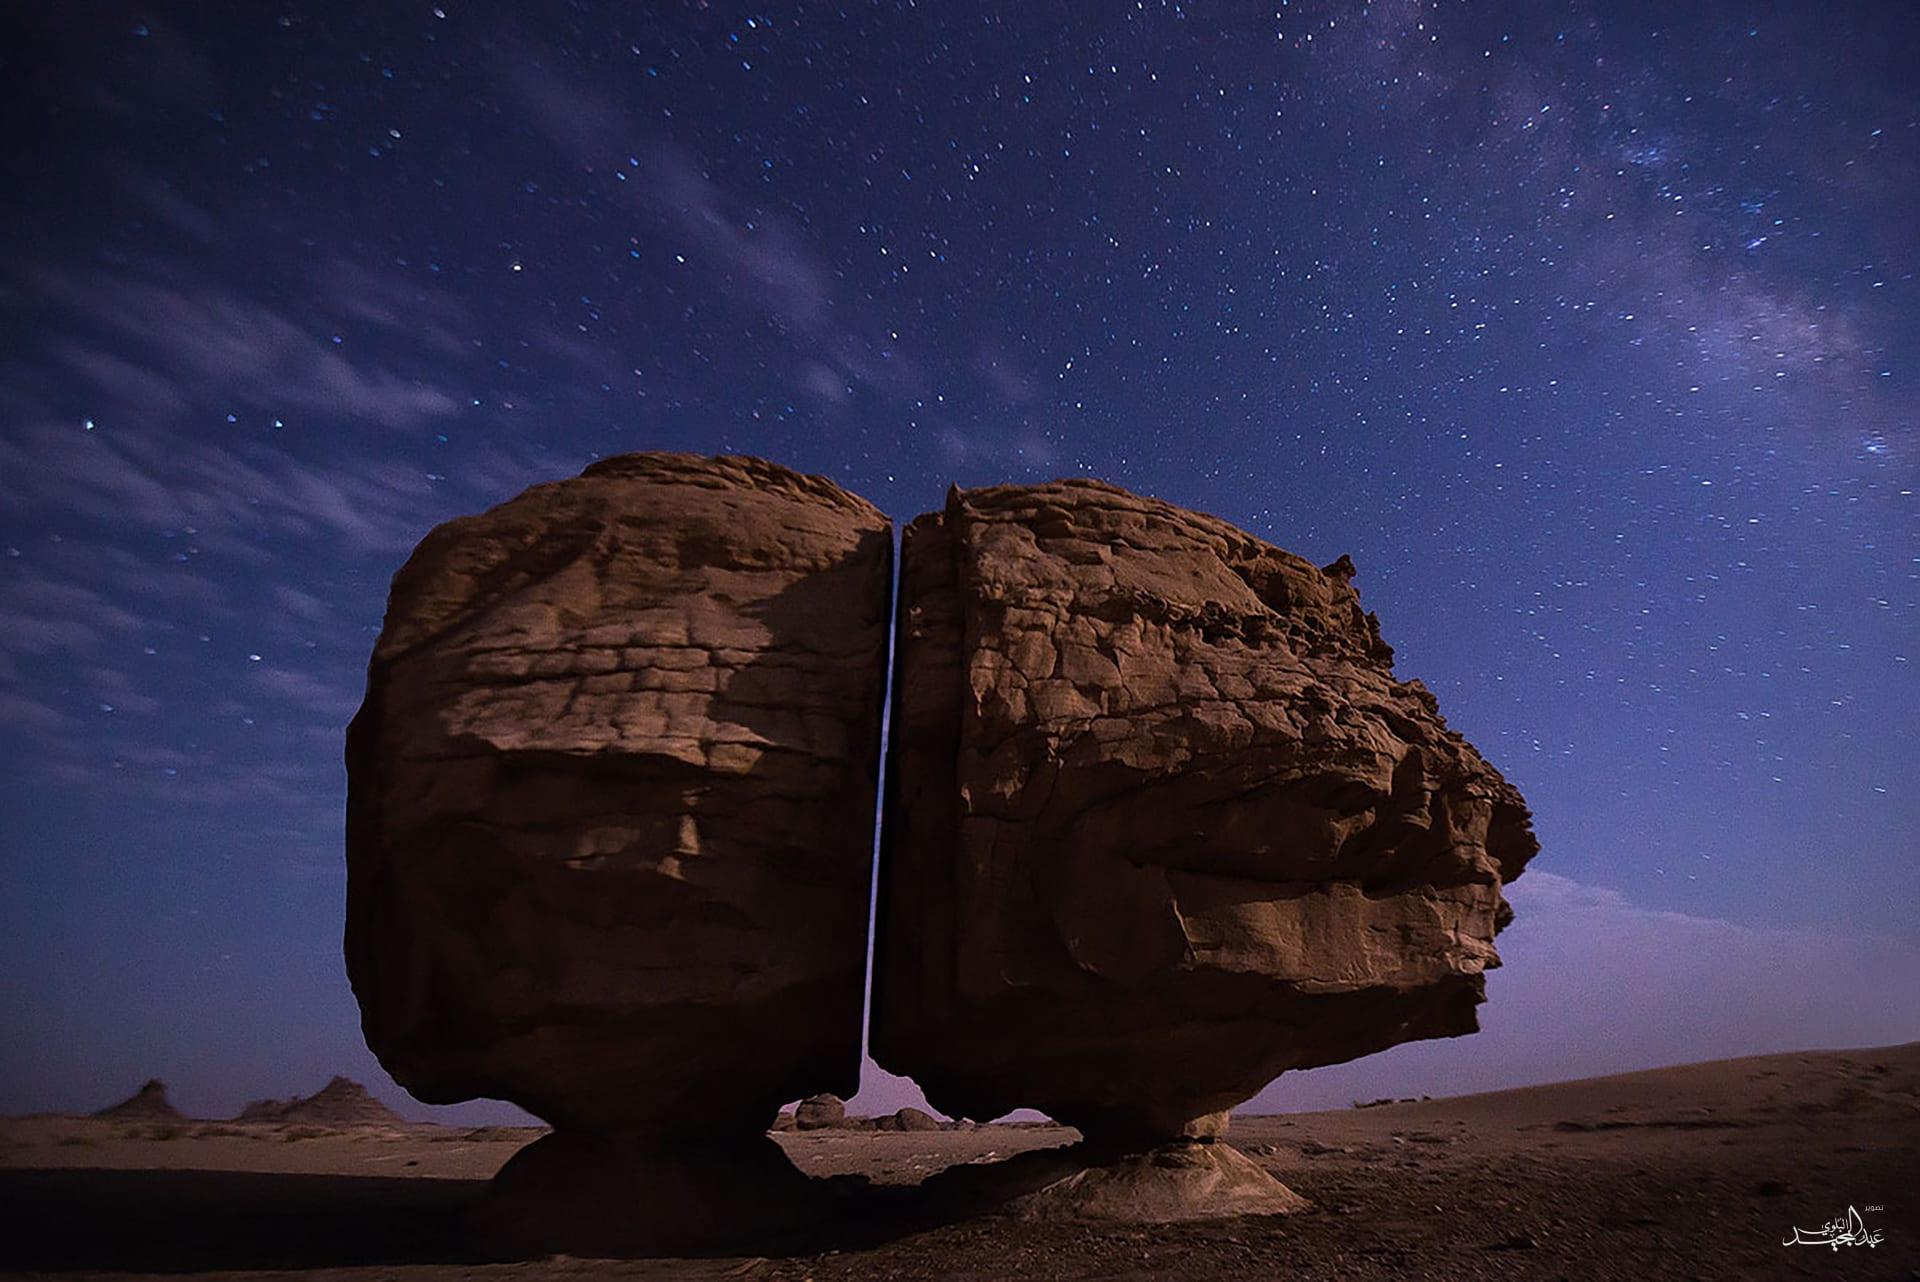 لفتت أنظار الرحالة والباحثين.. هذا سبب الانشطار العجيب لصخرة تيماء بالسعودية